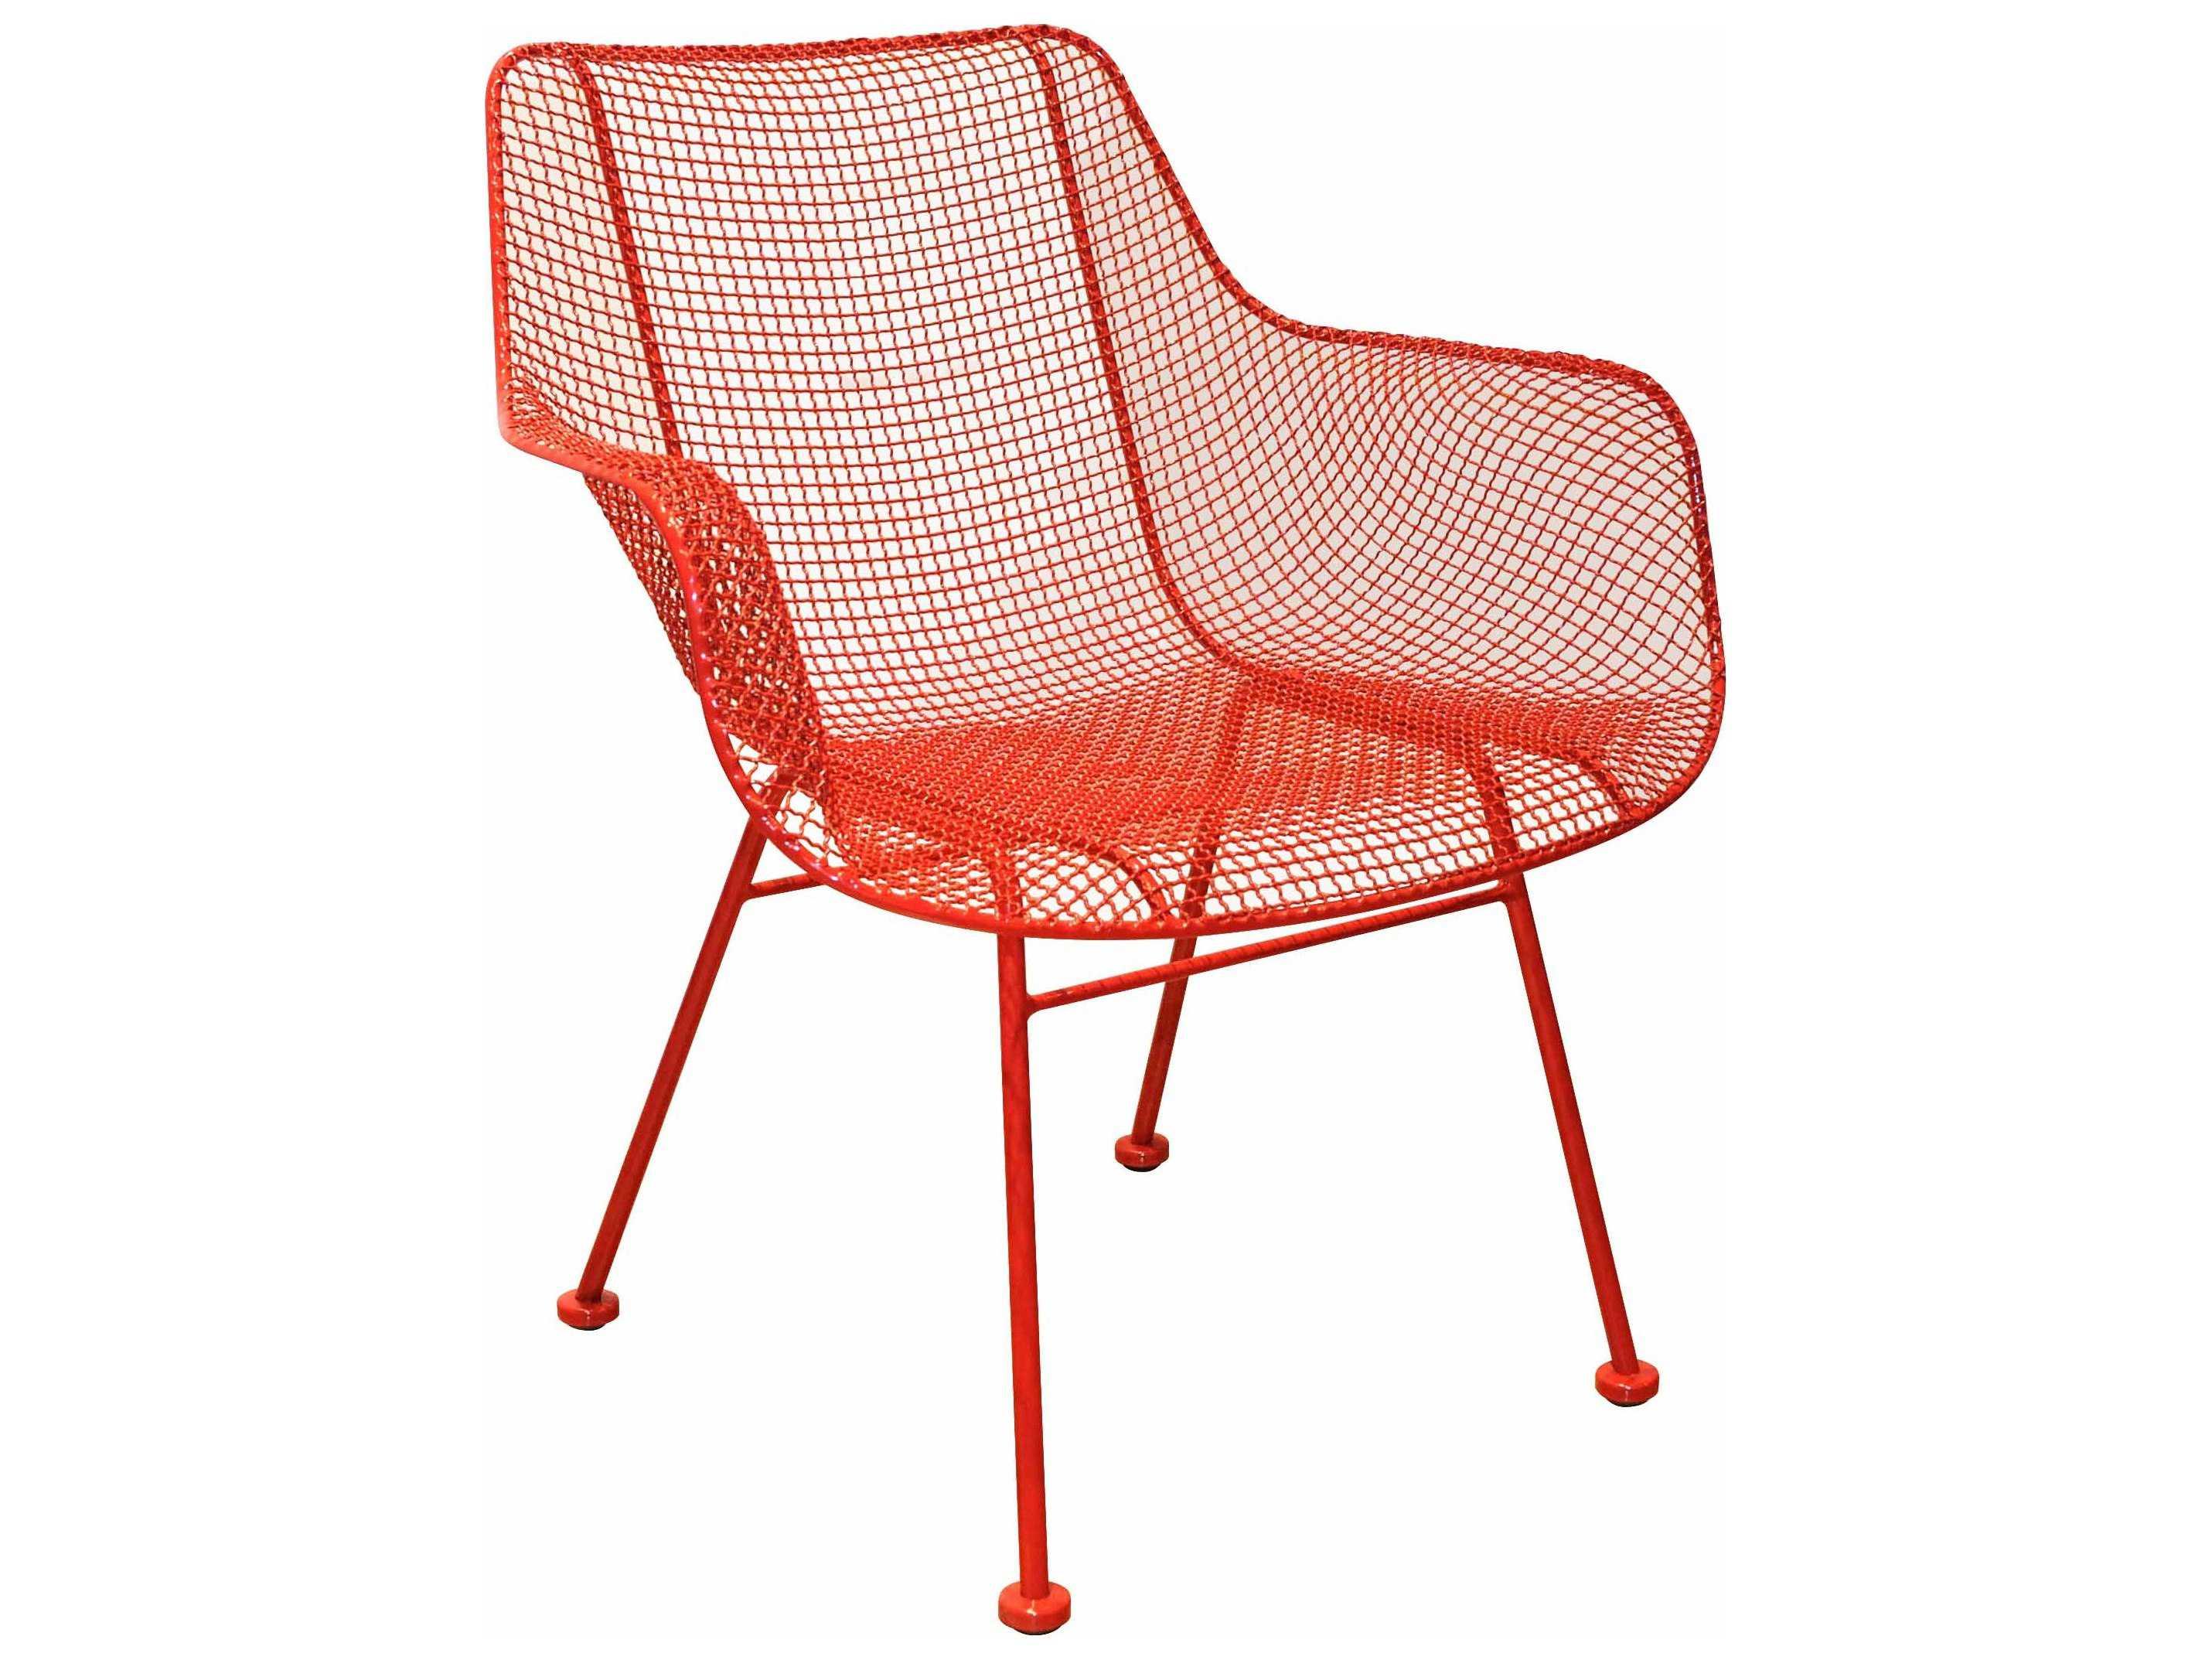 Woodard Sculptura Wrought Iron Occasional Chair 4g0010